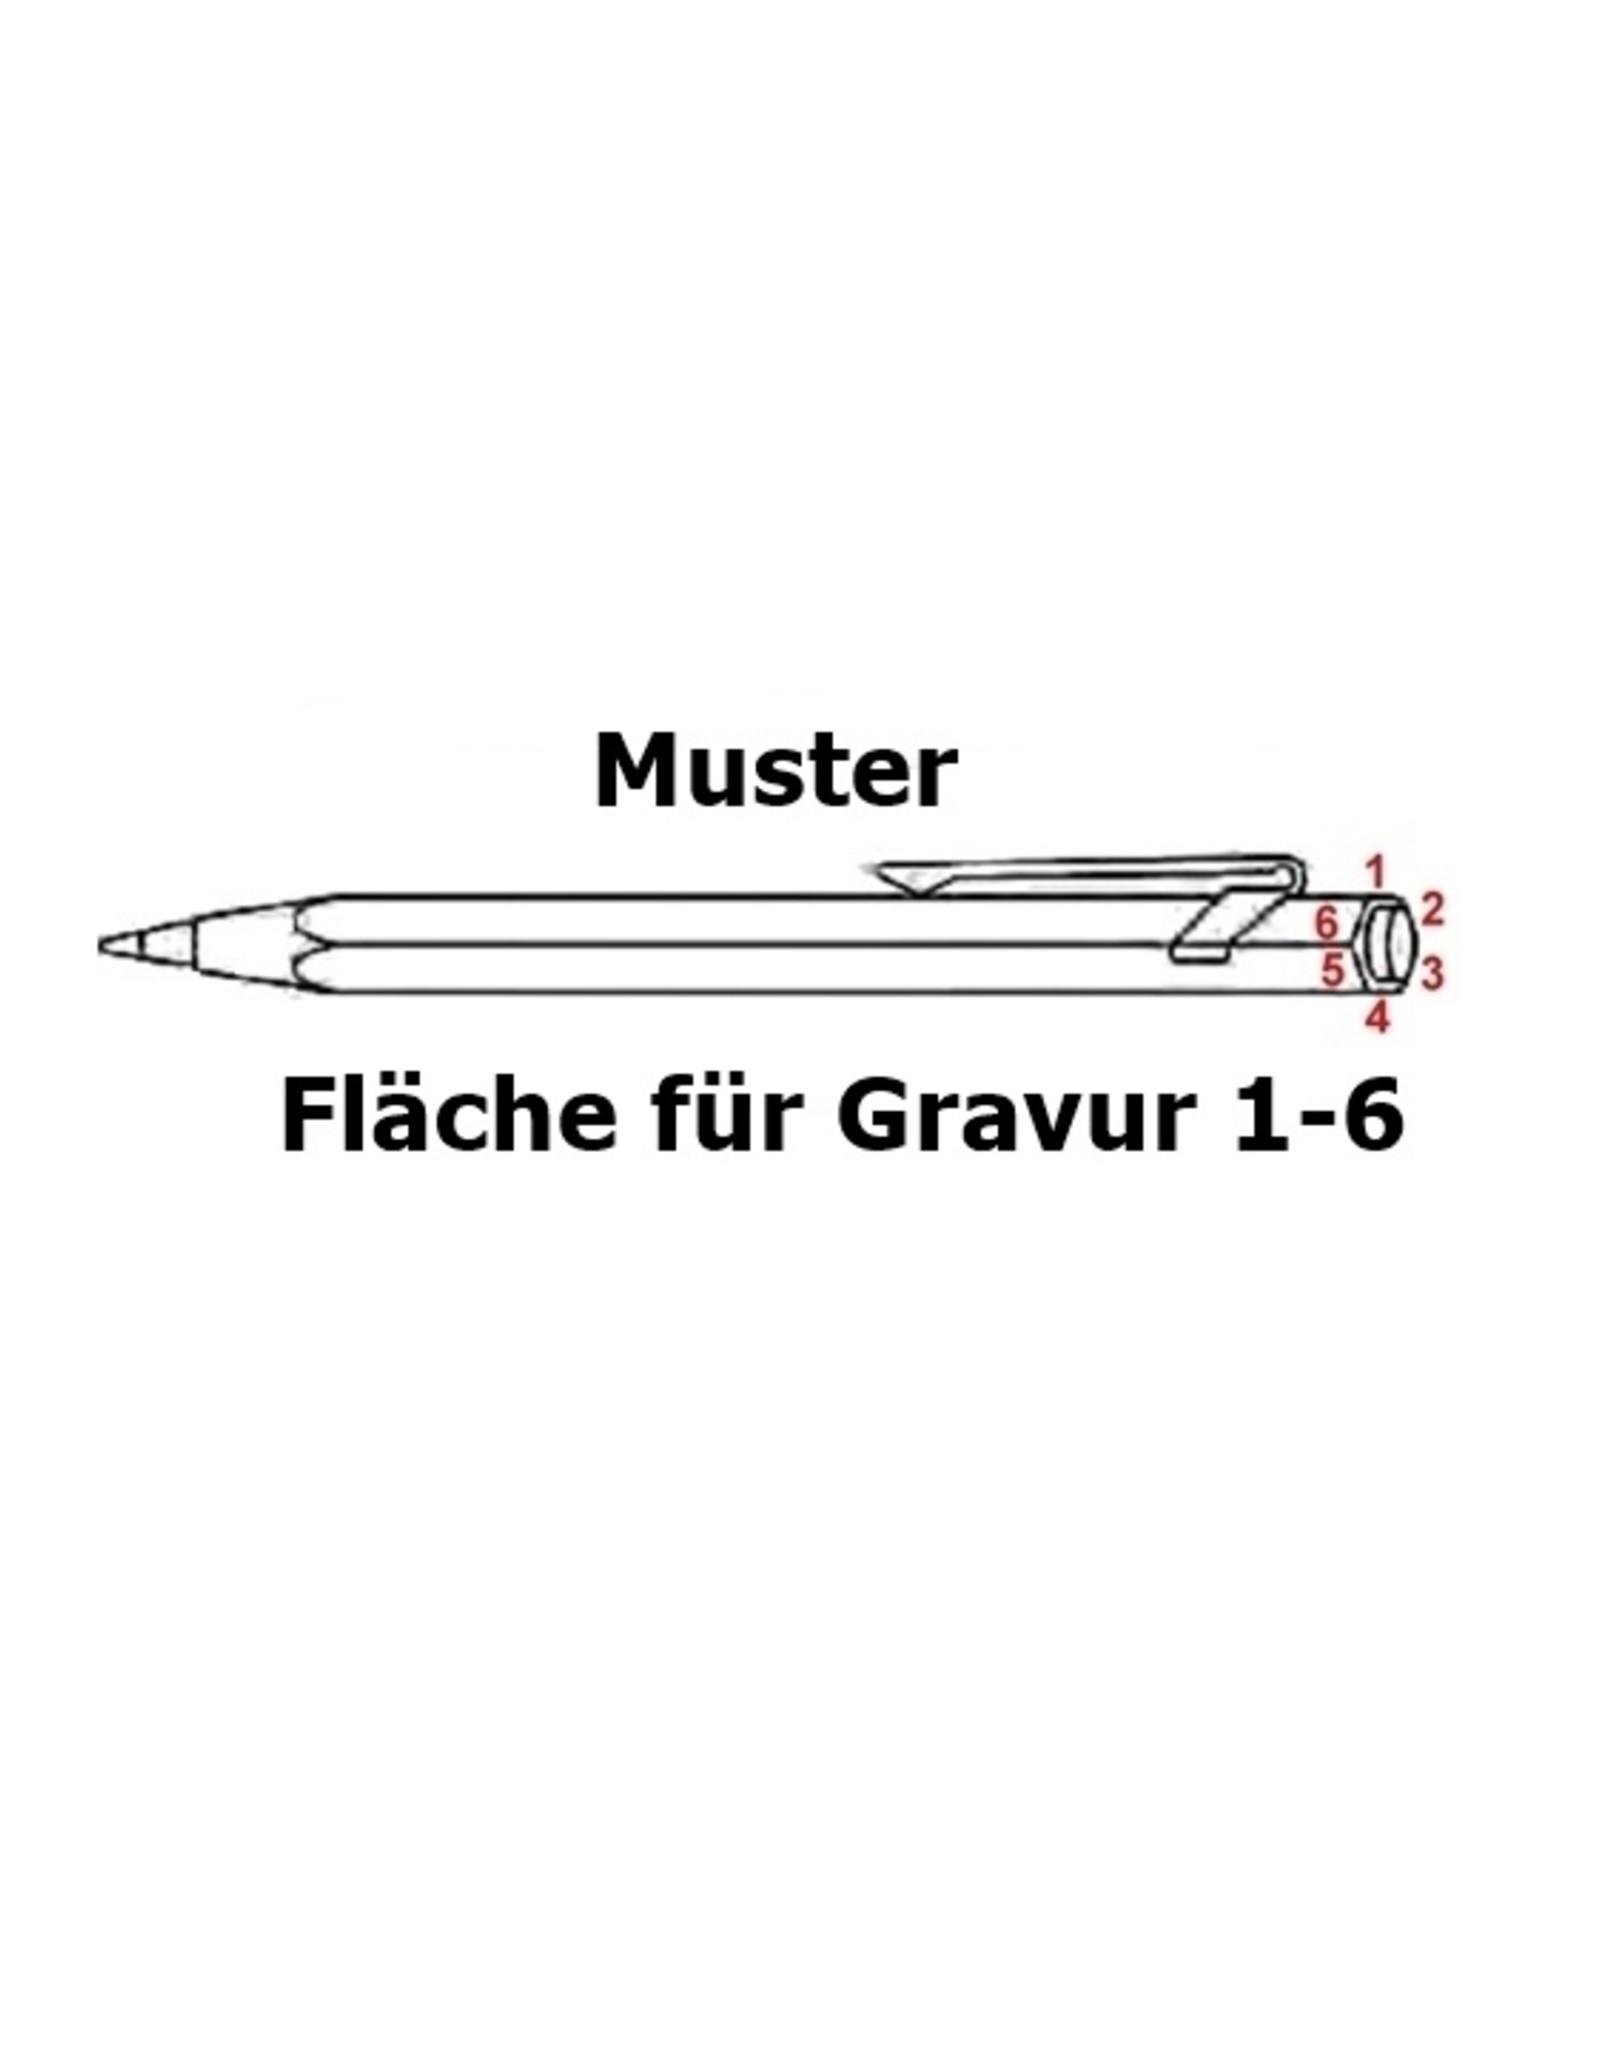 Kollektion 849 Kugelschreiber in silber inkl. Gravur und Geschenkverpackung